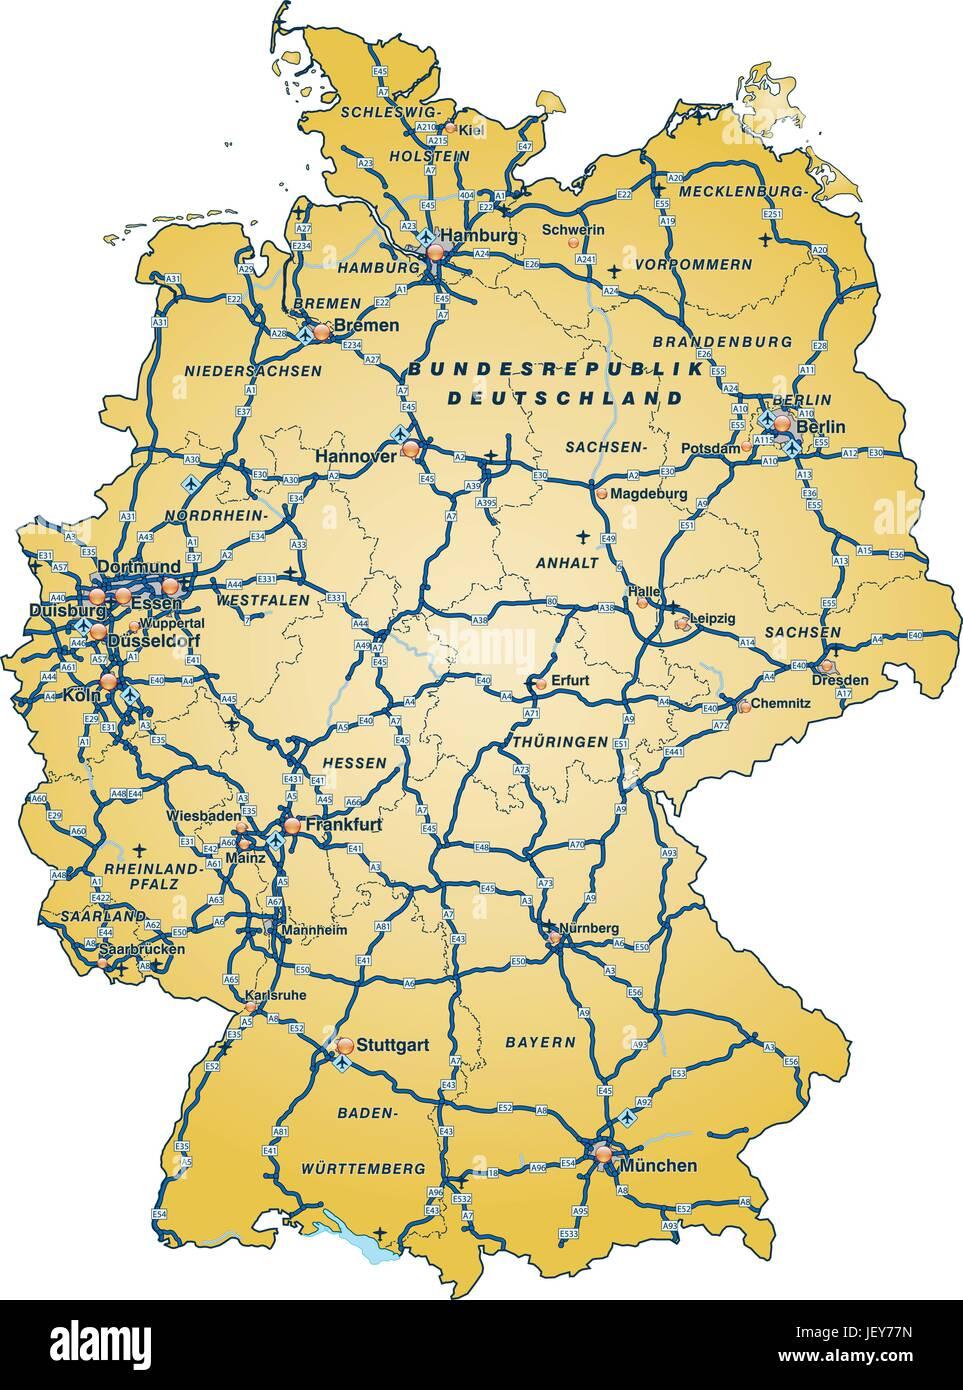 autobahnen karte Verkehr, Transport, Autobahn, Autobahn, Karte, Staat